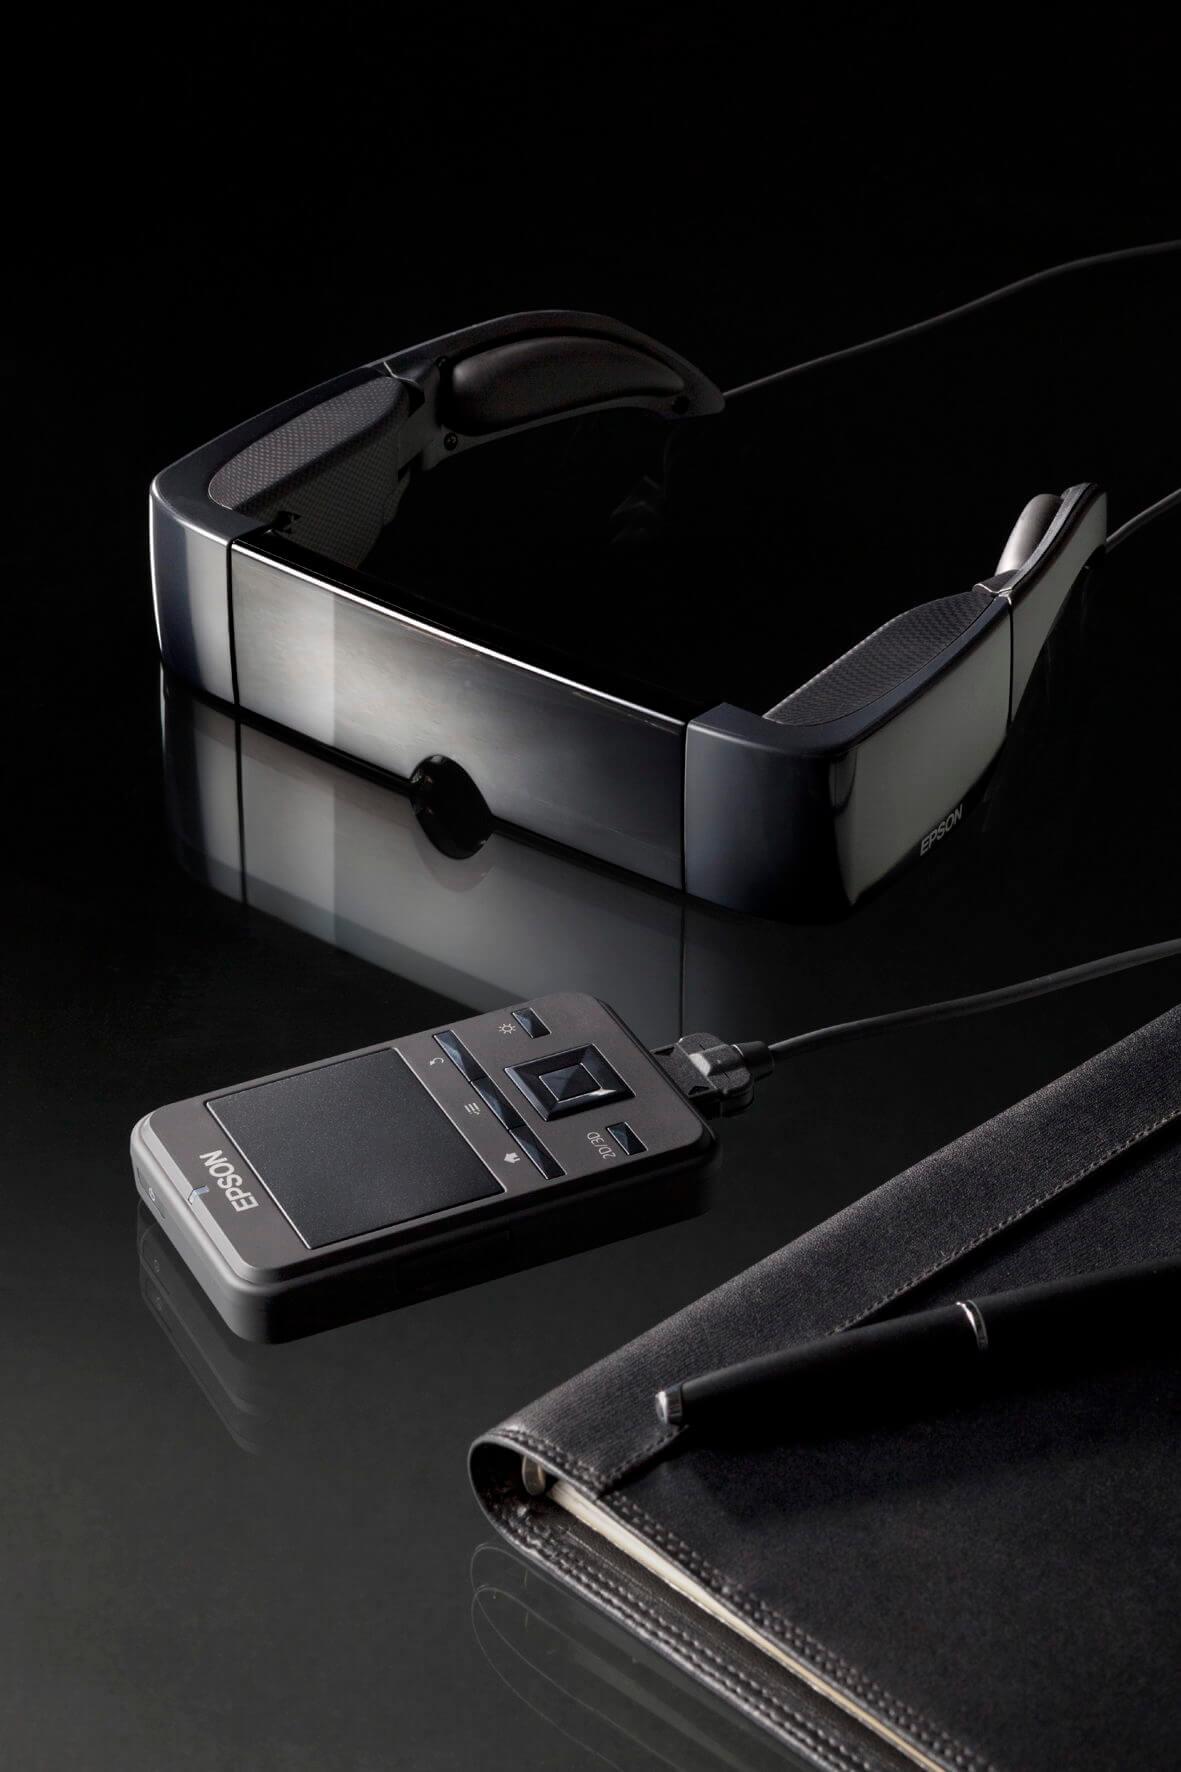 Epson BT 100 3 mid - Was nach den MP3-Player kommt . . .